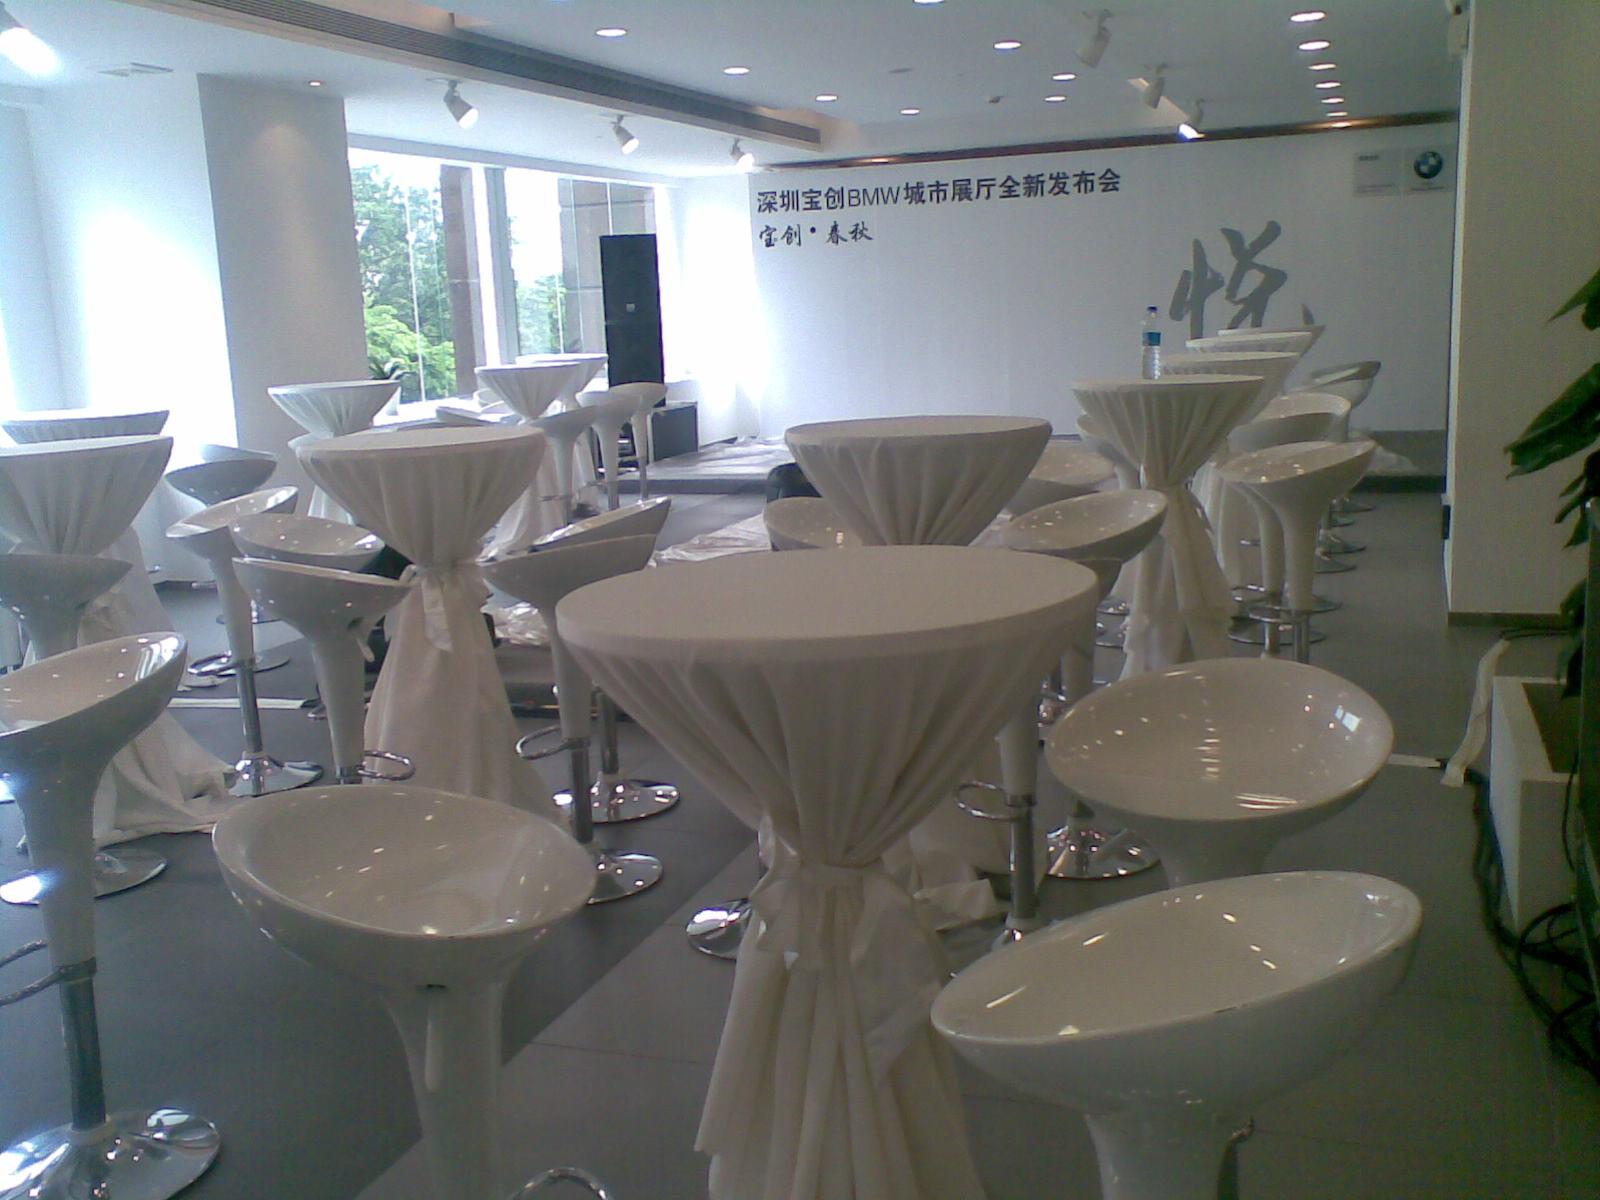 贵宾椅,嘉宾椅,塑胶扶手椅,塑胶方椅,玻璃圆桌,木圆桌,塑胶圆桌,吧台